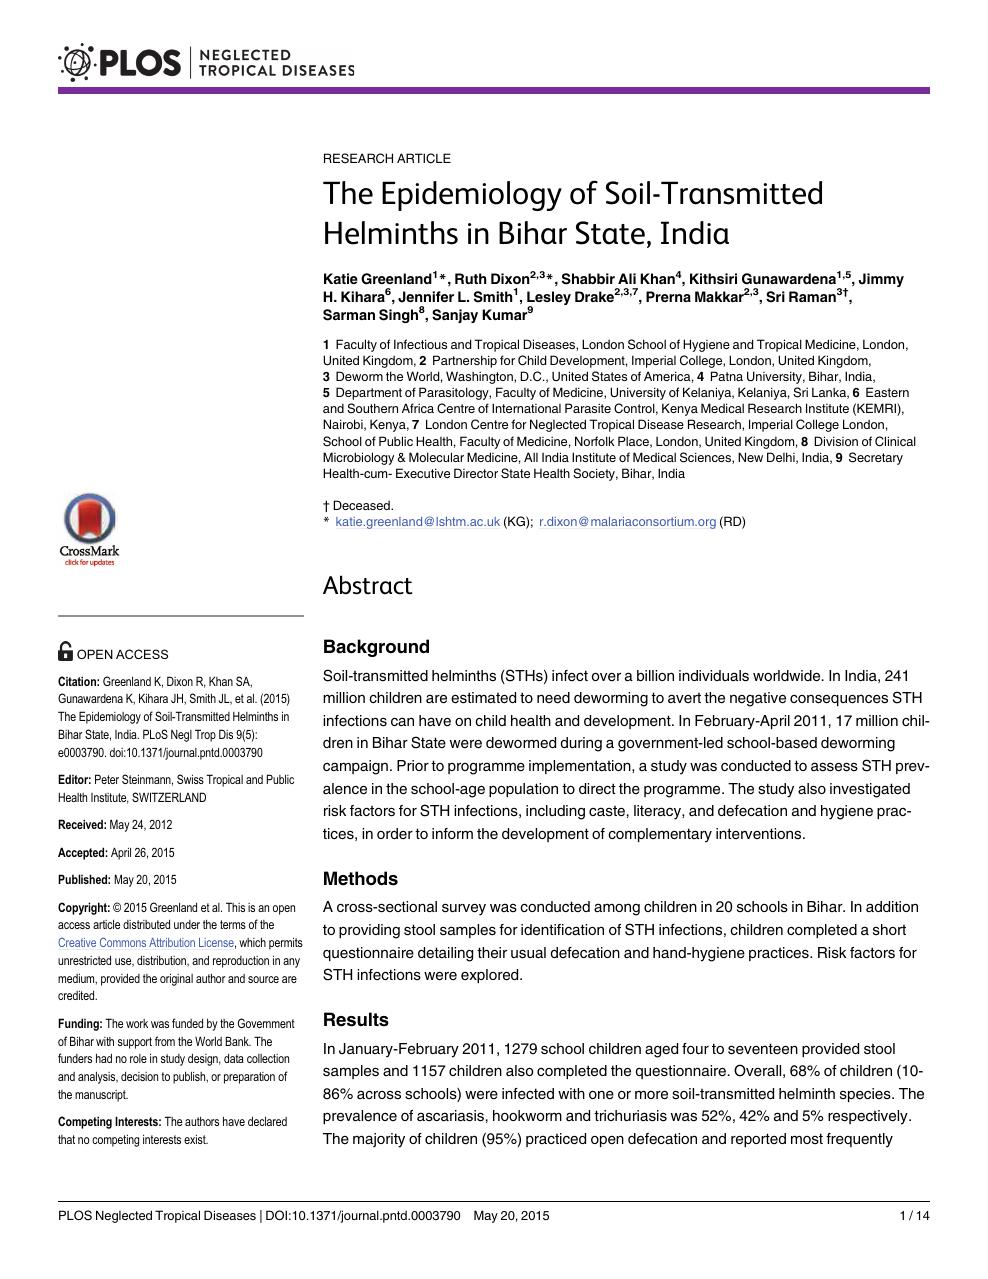 soil transmitted helminths journal